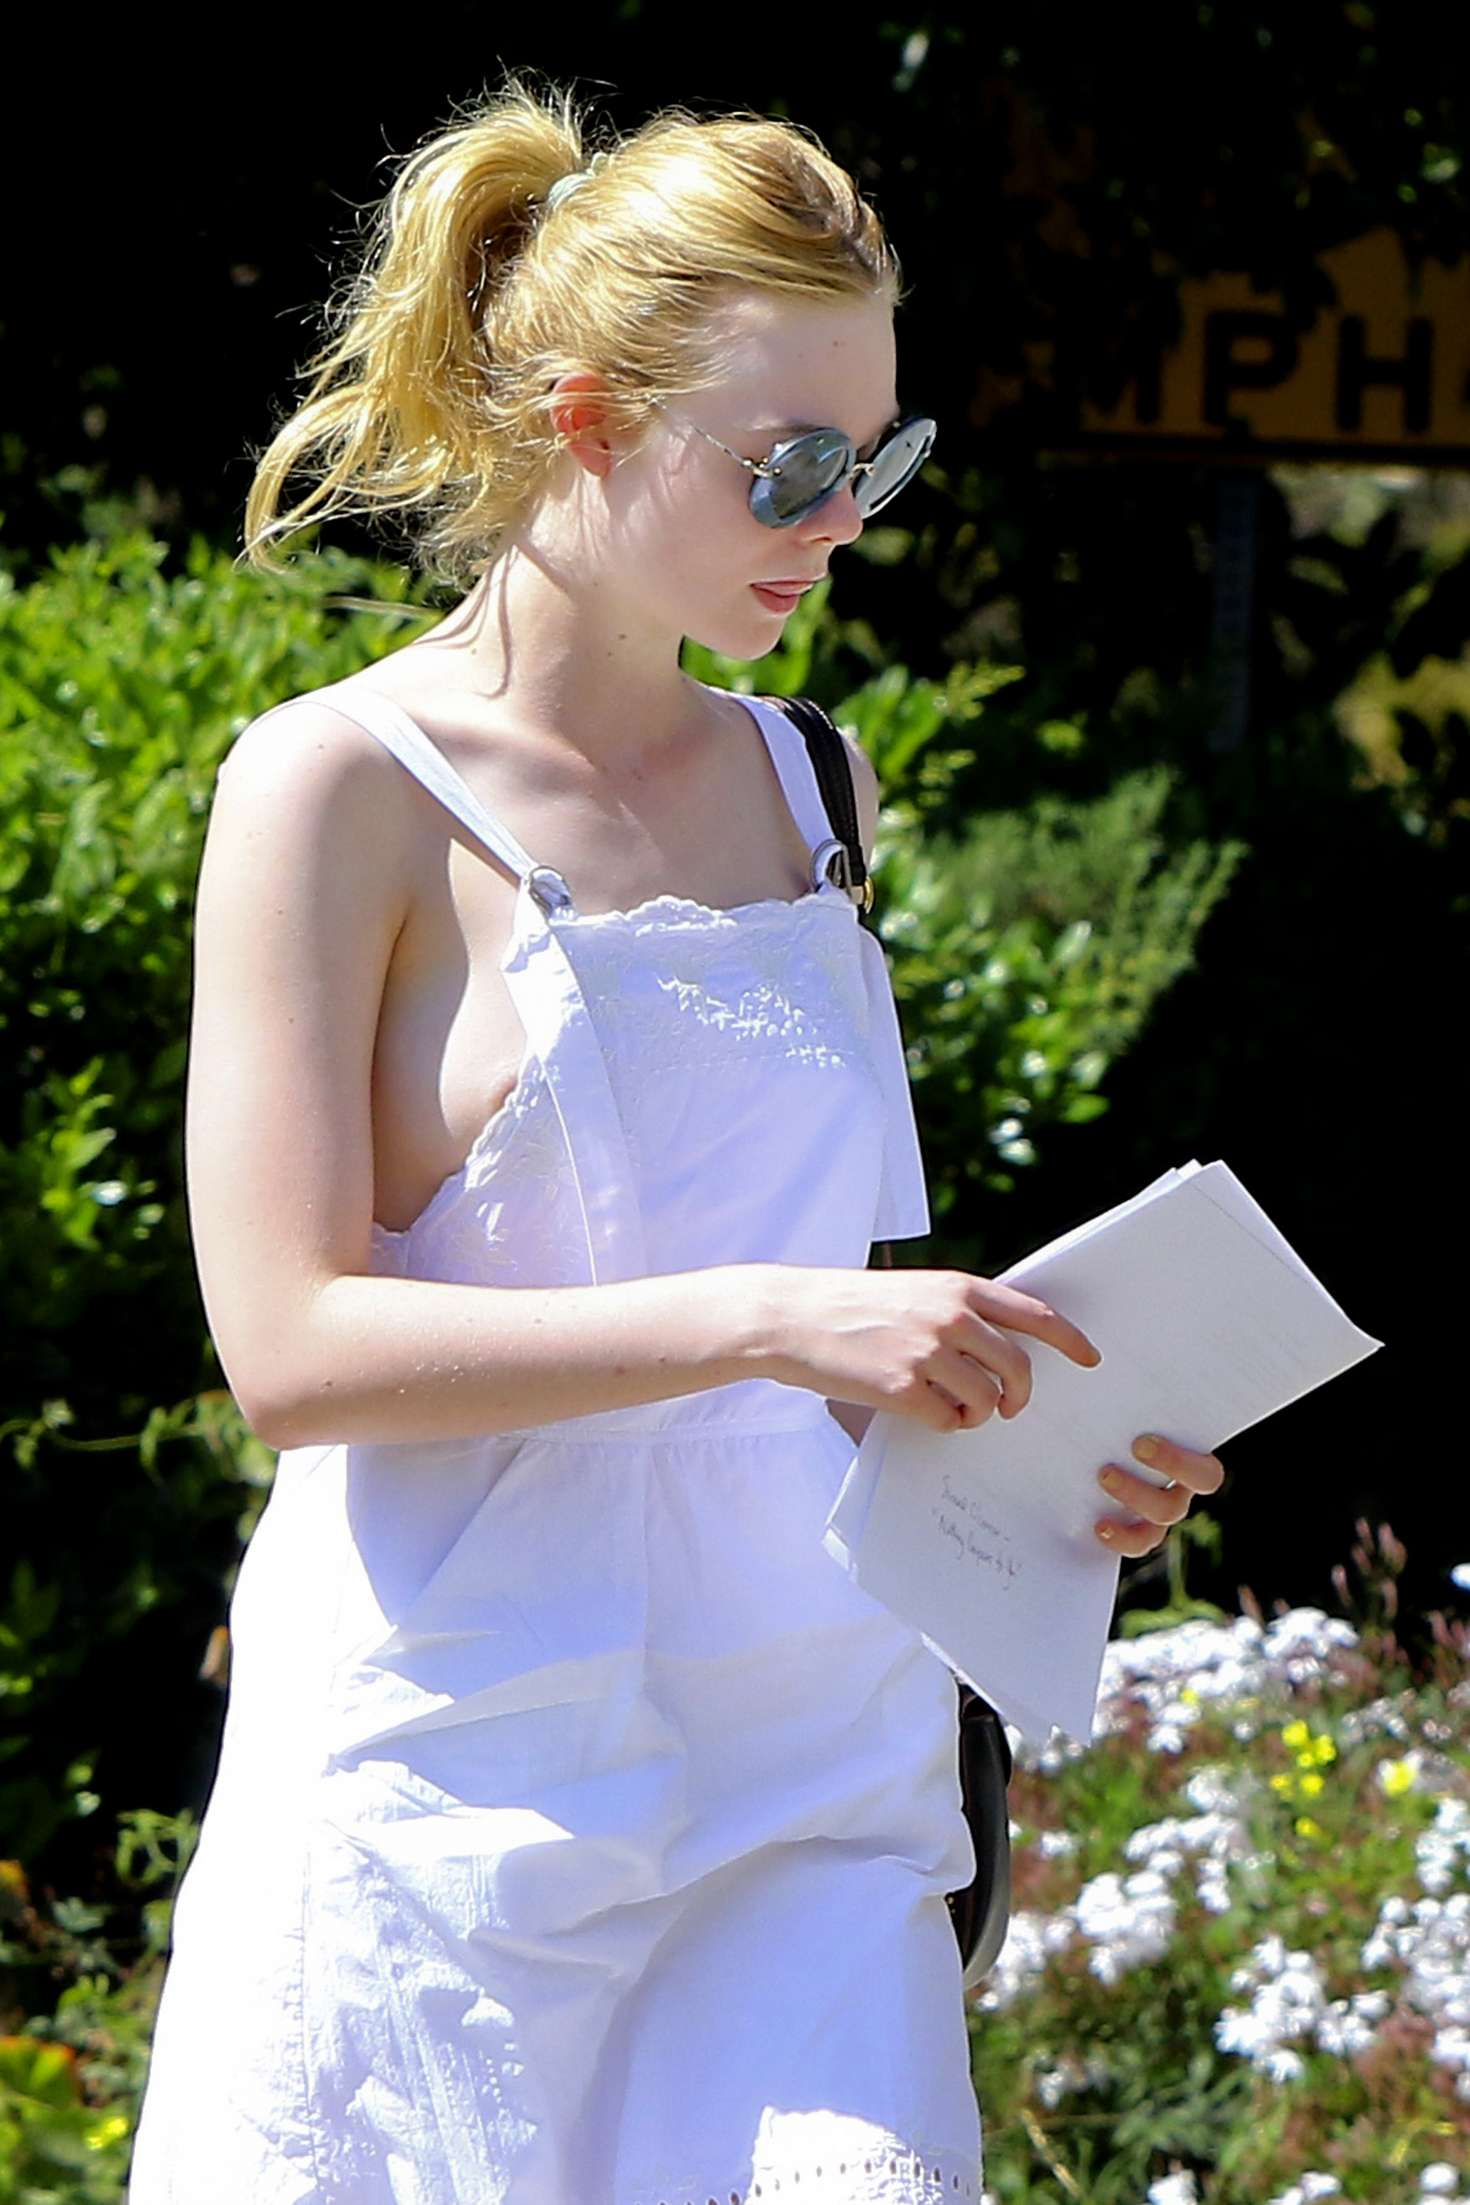 Elle Fanning in White Dress out in LA